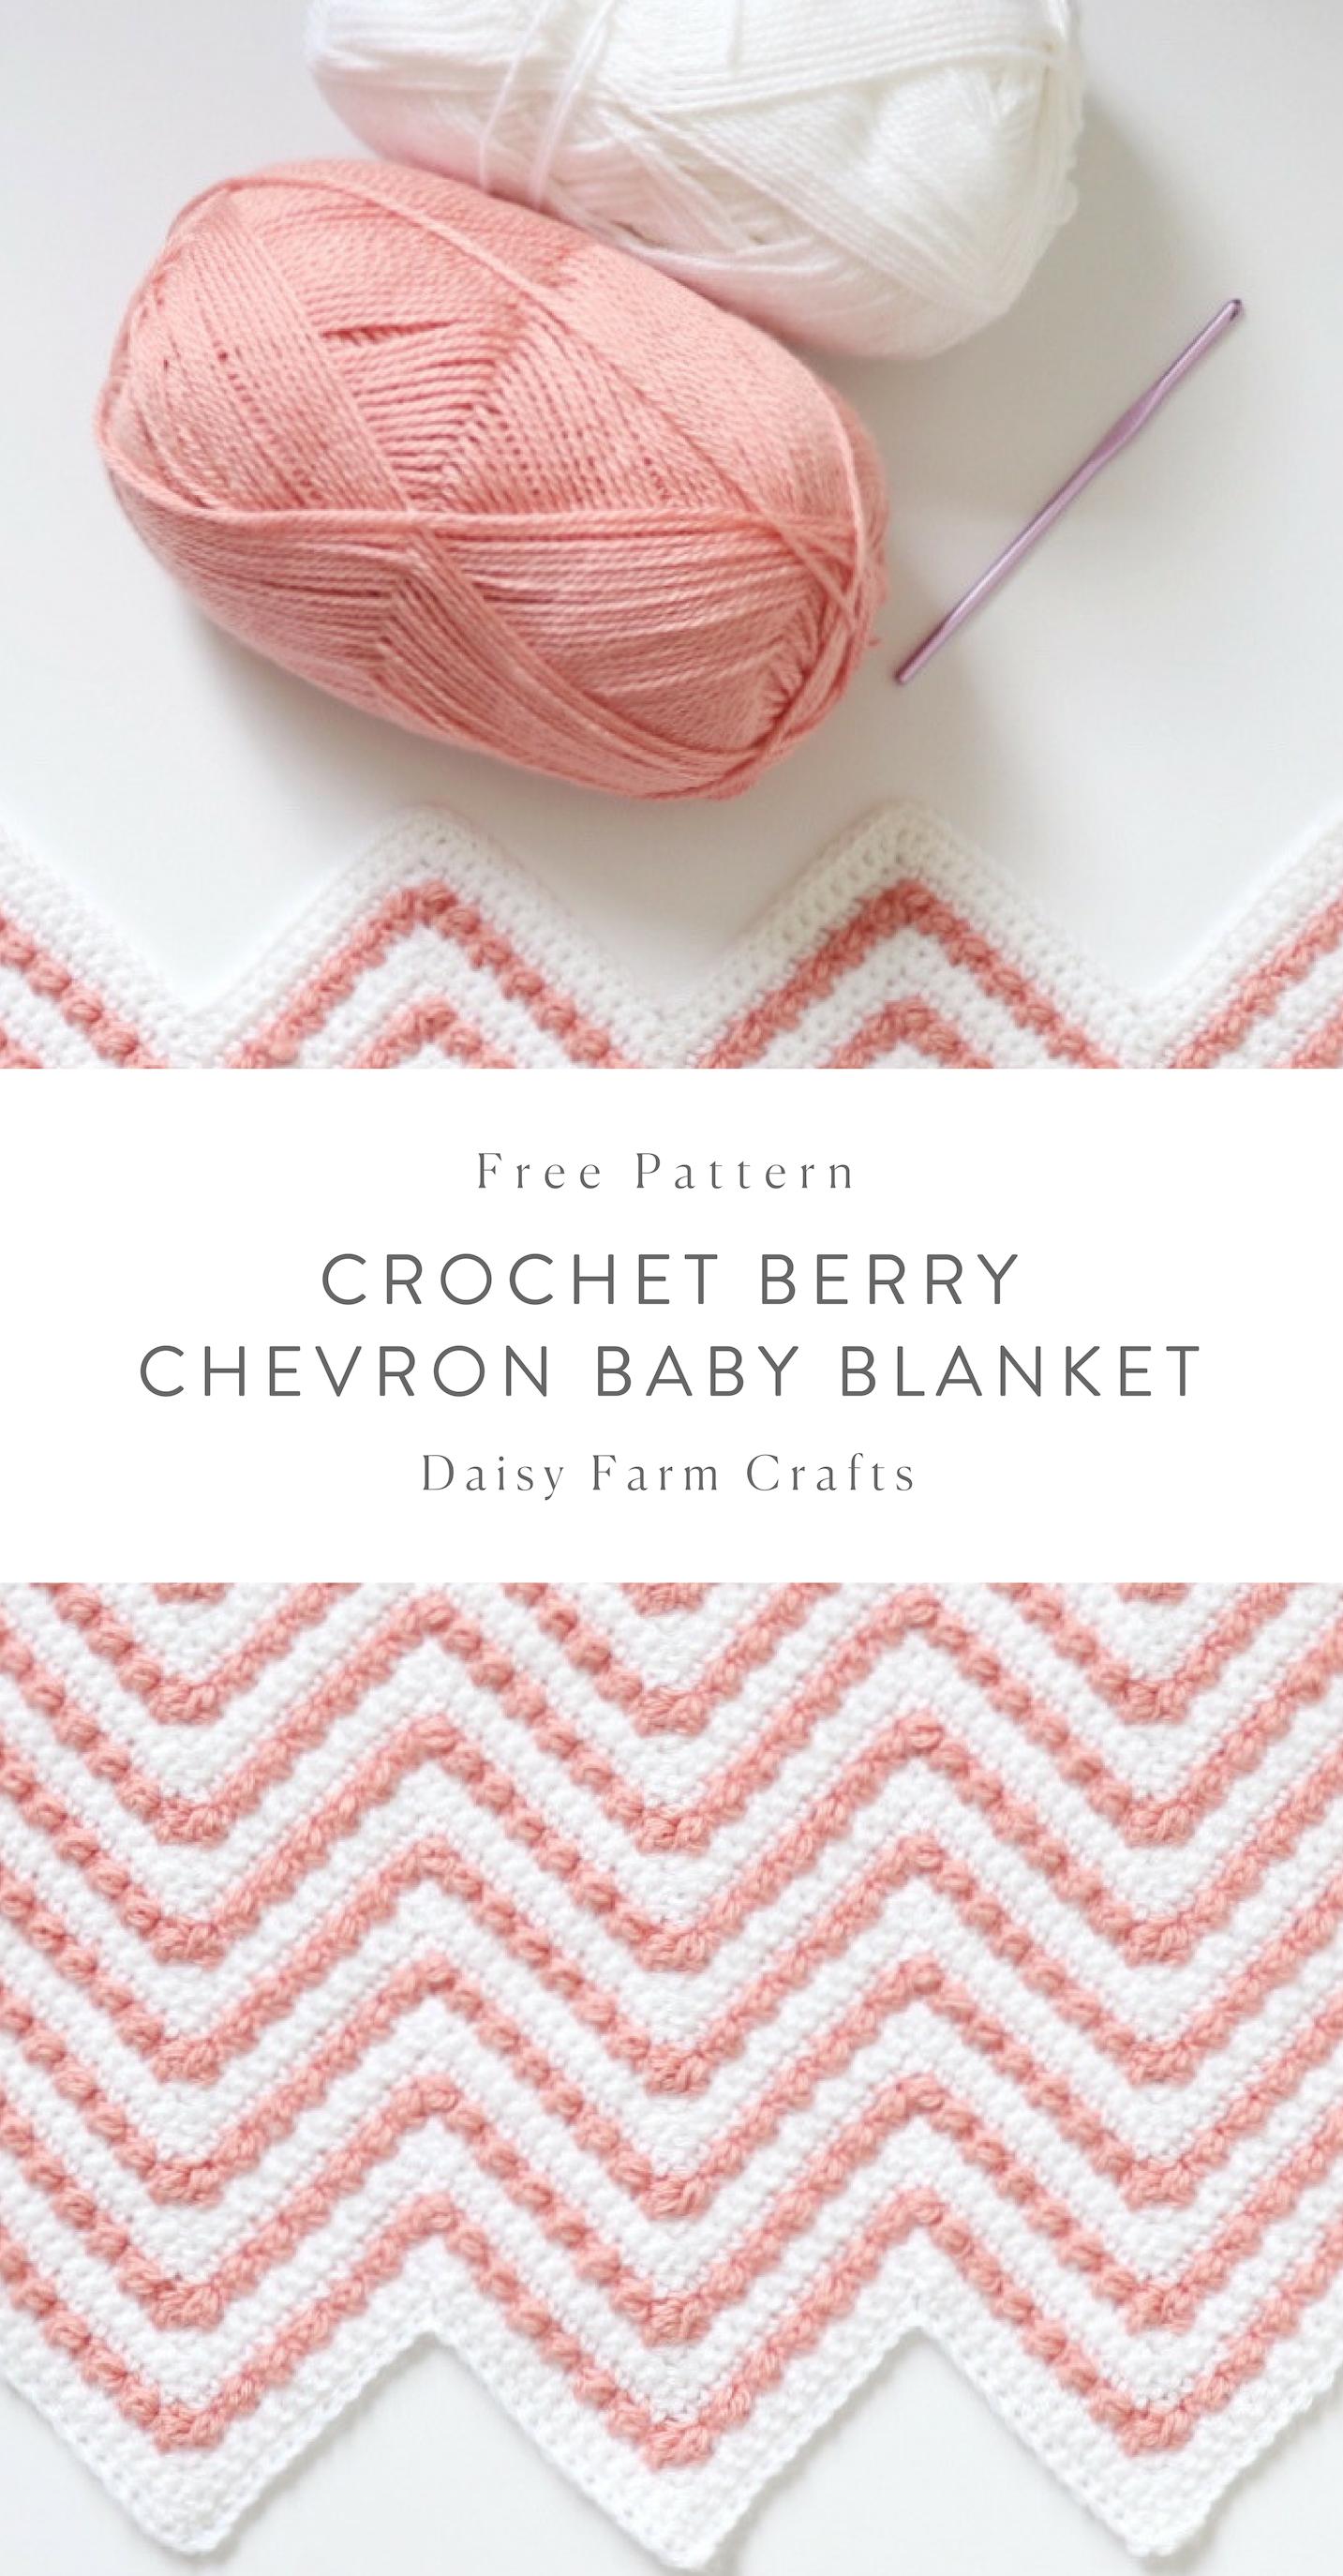 Free Pattern - Crochet Berry Chevron Baby Blanket | Crochet projects ...